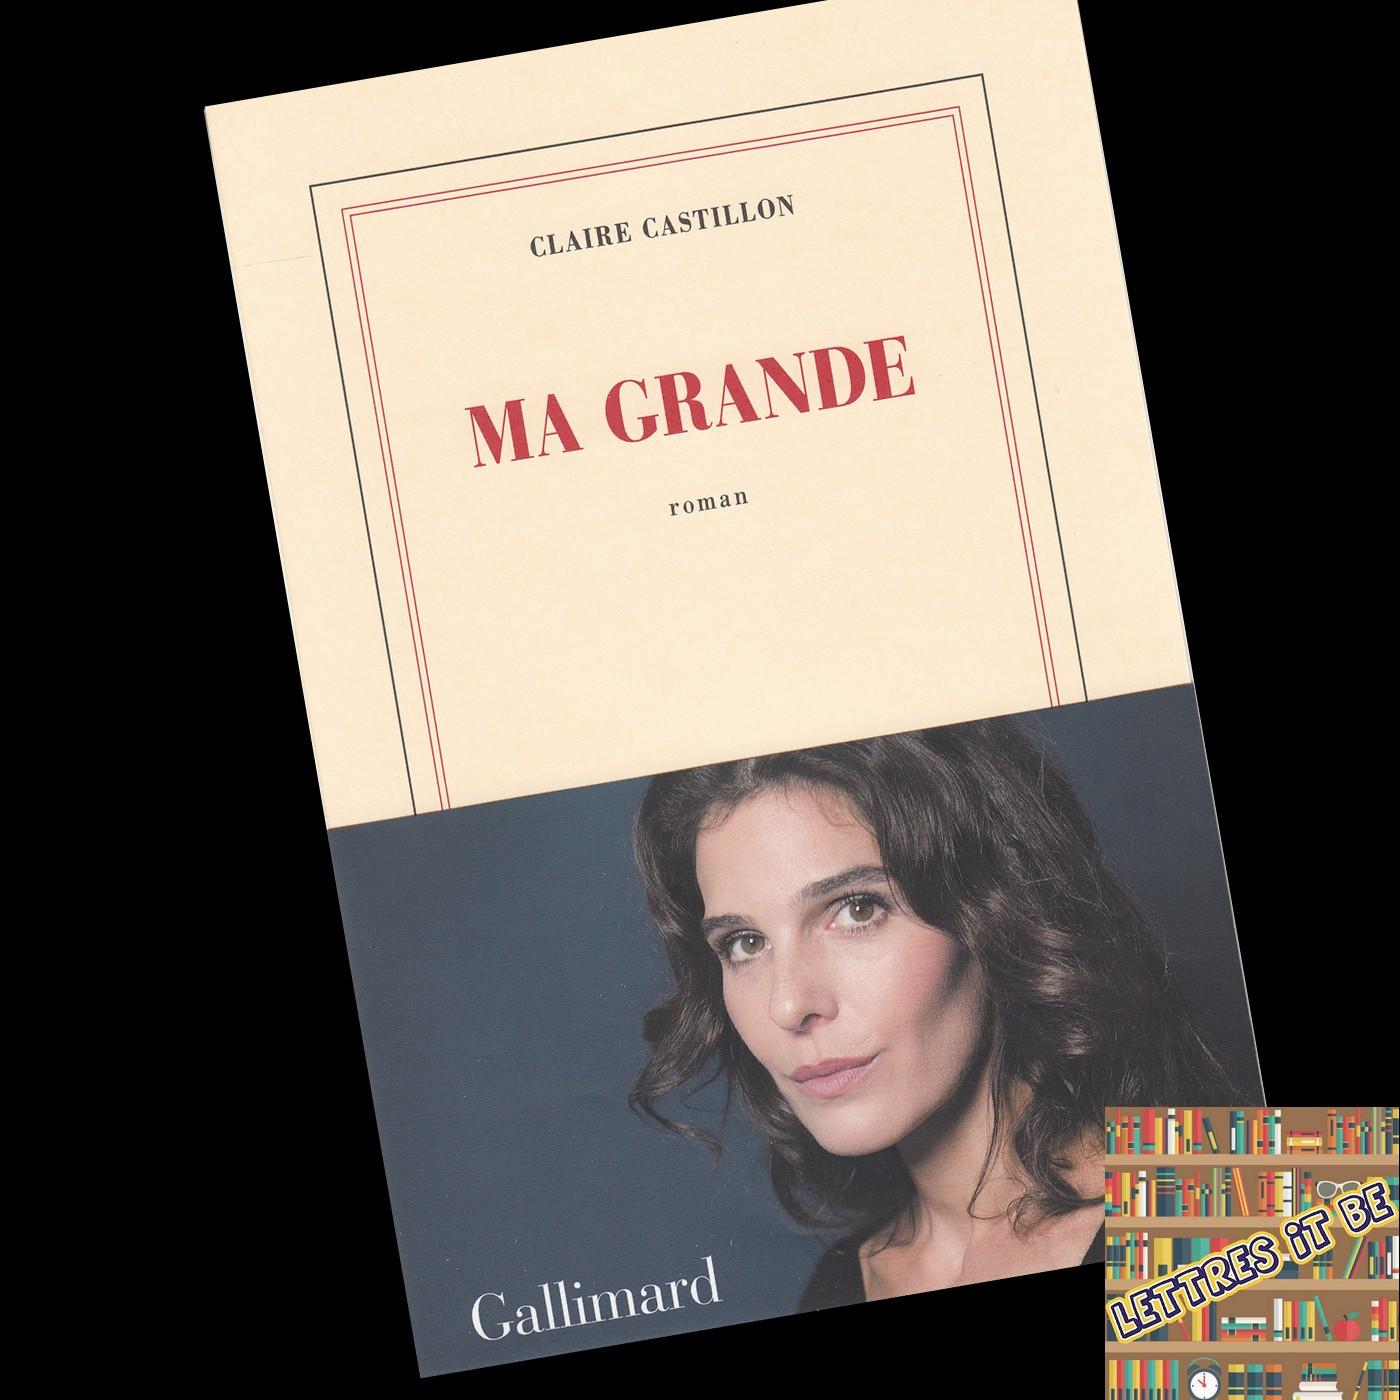 Critique de Ma grande de Claire Castillon (Livre)